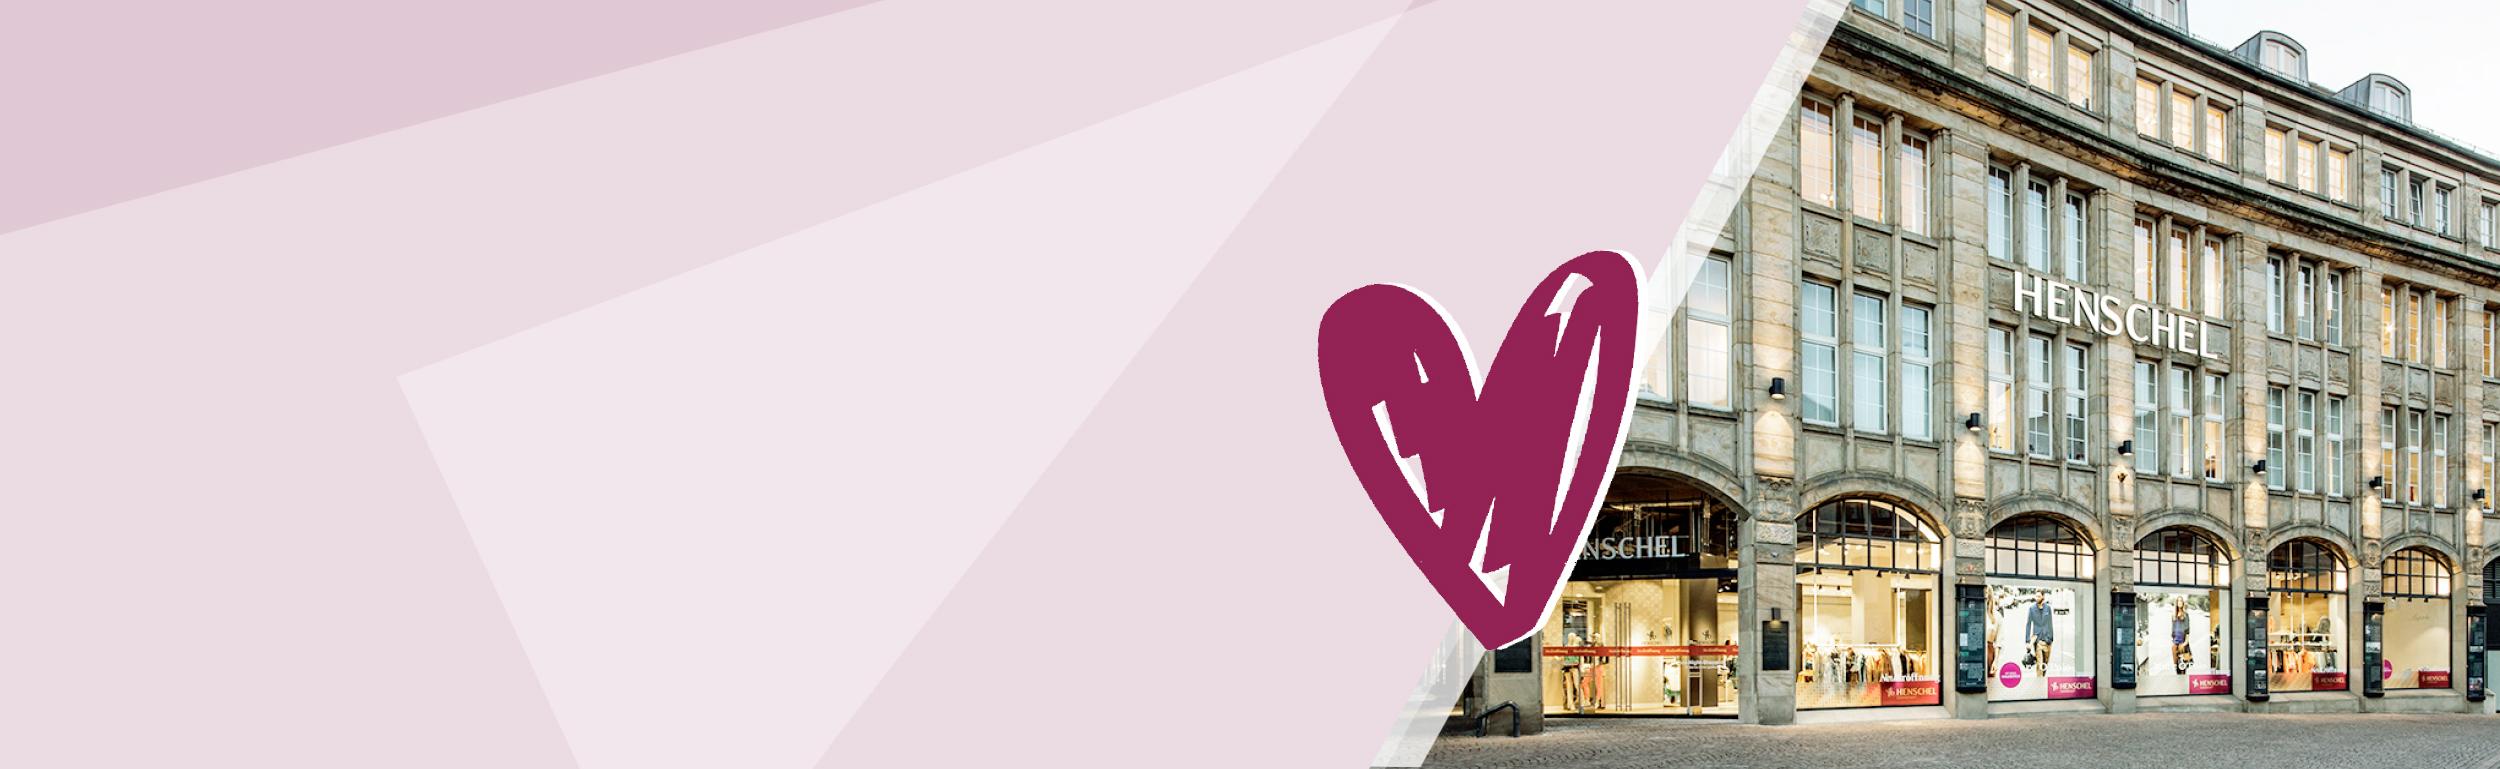 Wir sind wieder für Sie da! Nach der Teileröffnung können Sie nach belieben Anprobieren in unseren Kabinen und shoppen gehen!